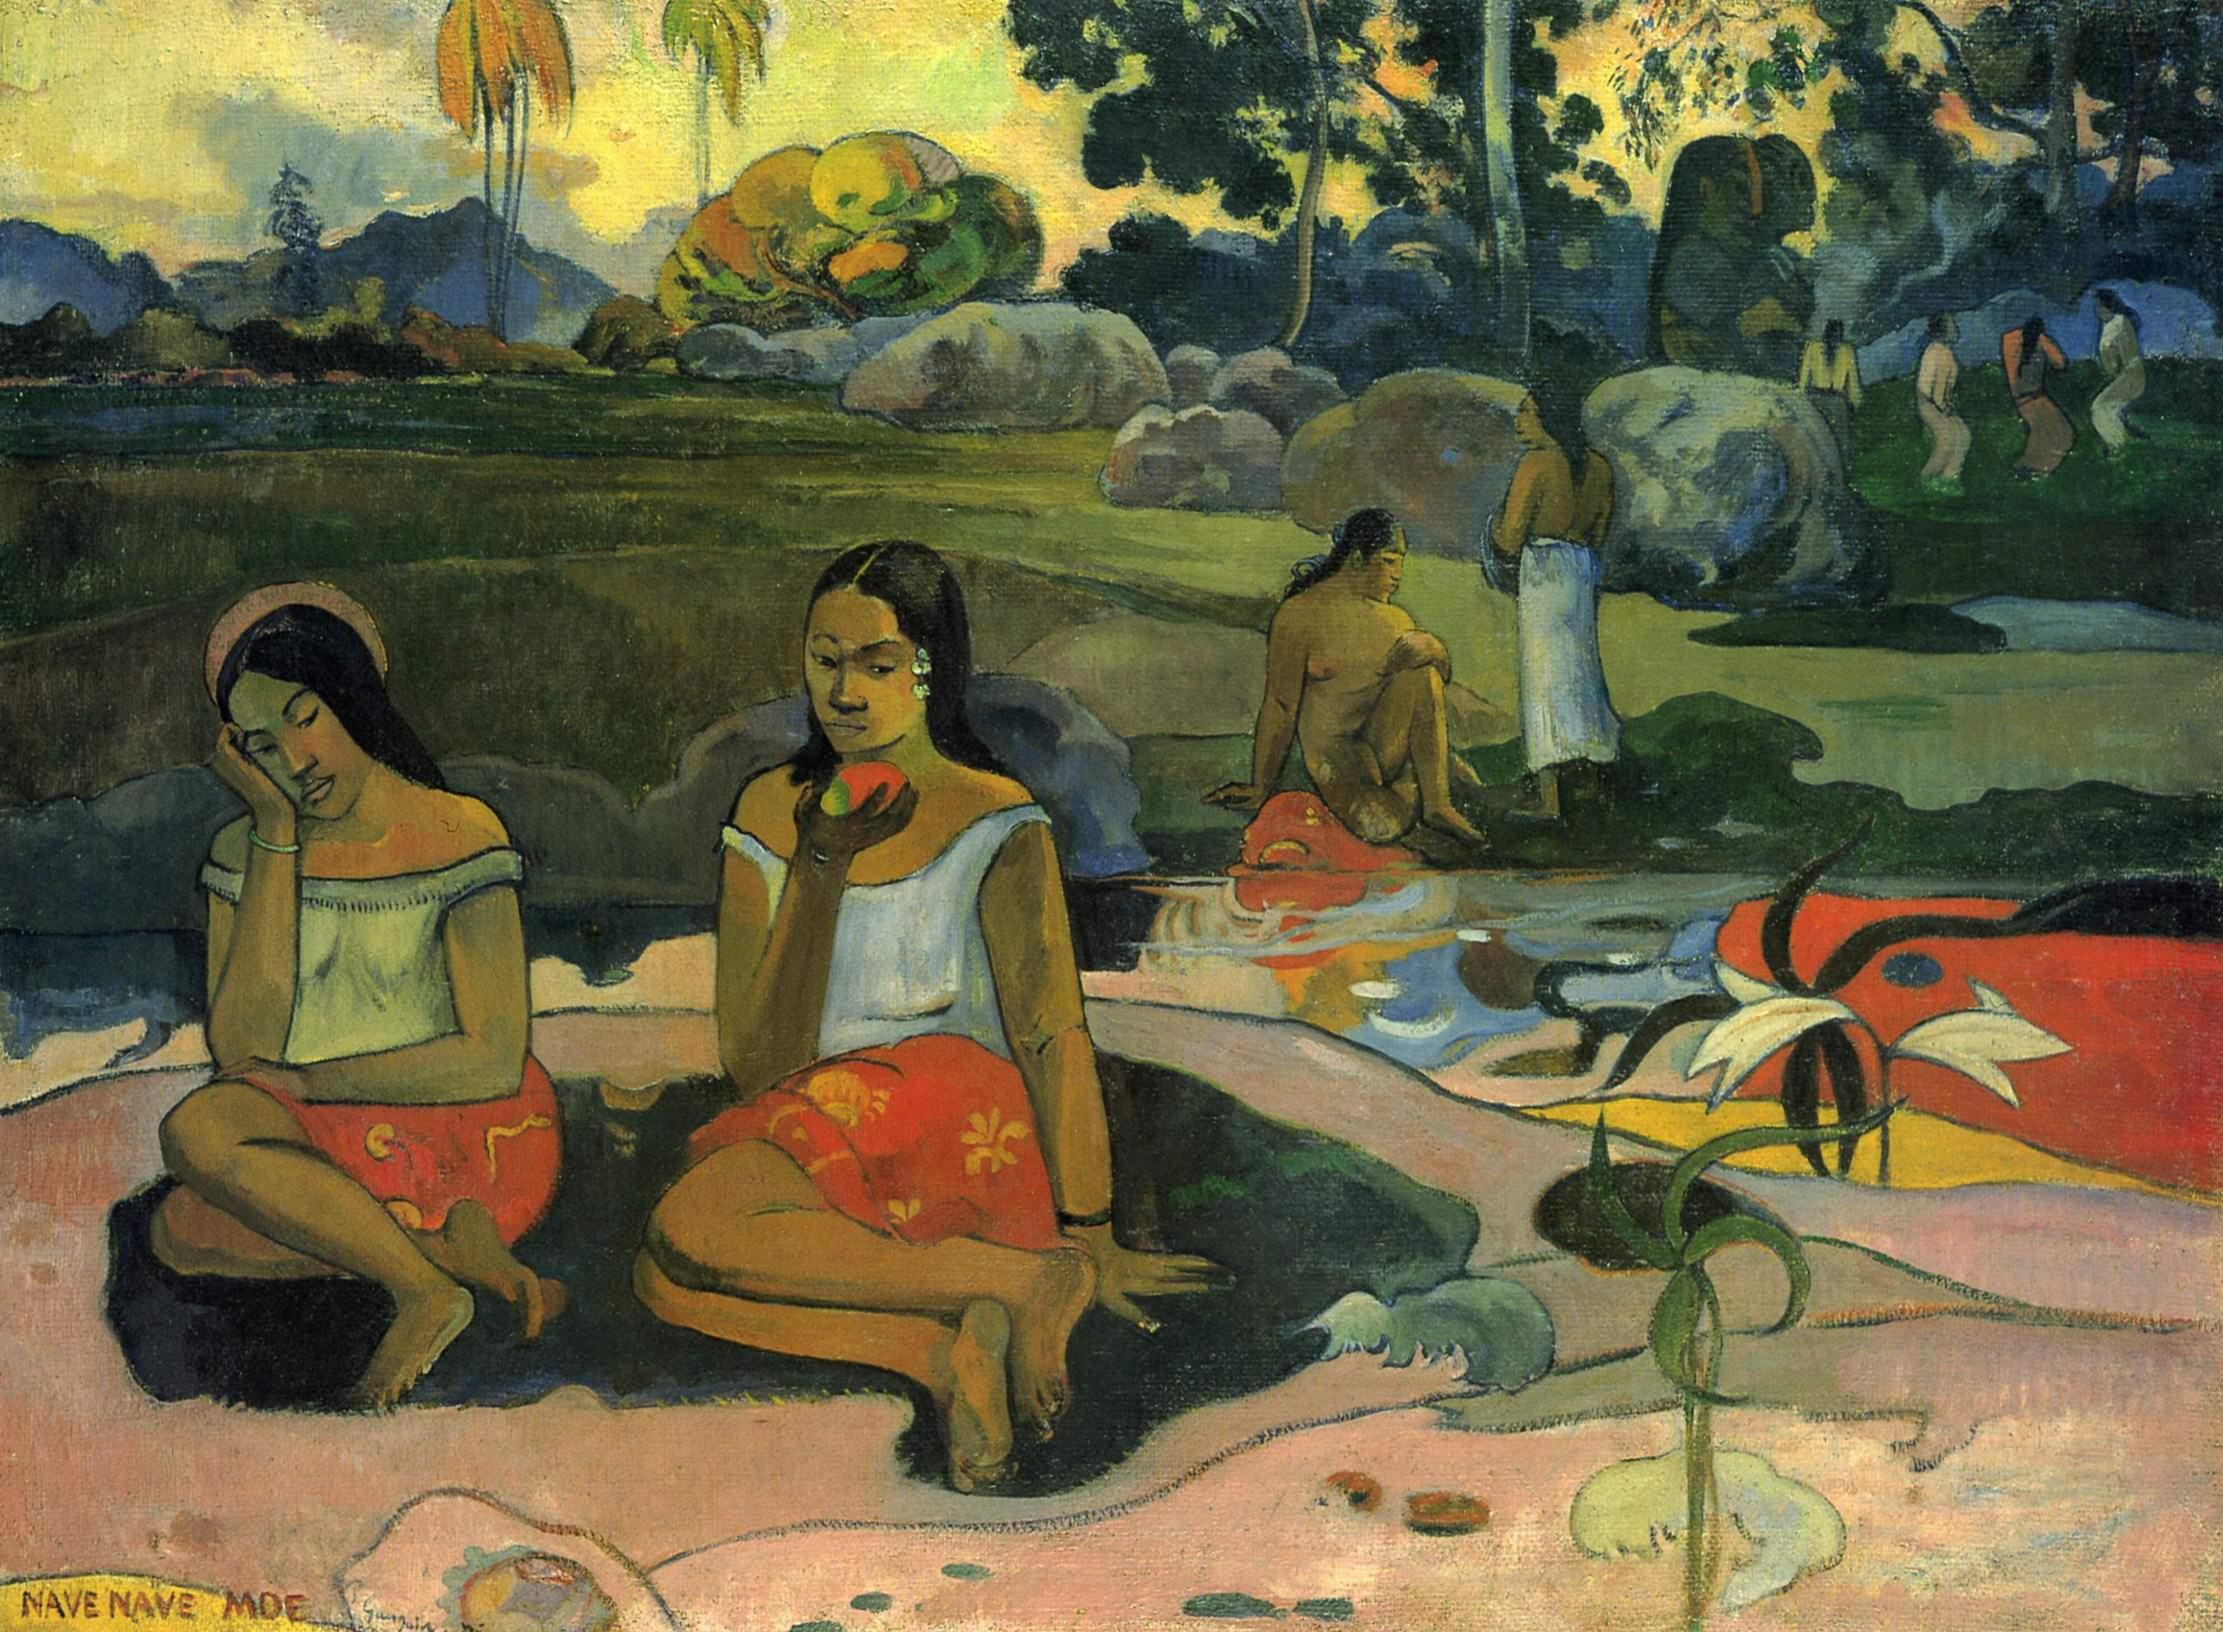 Habe Habe Moe (Источник пресной воды), Поль Гоген